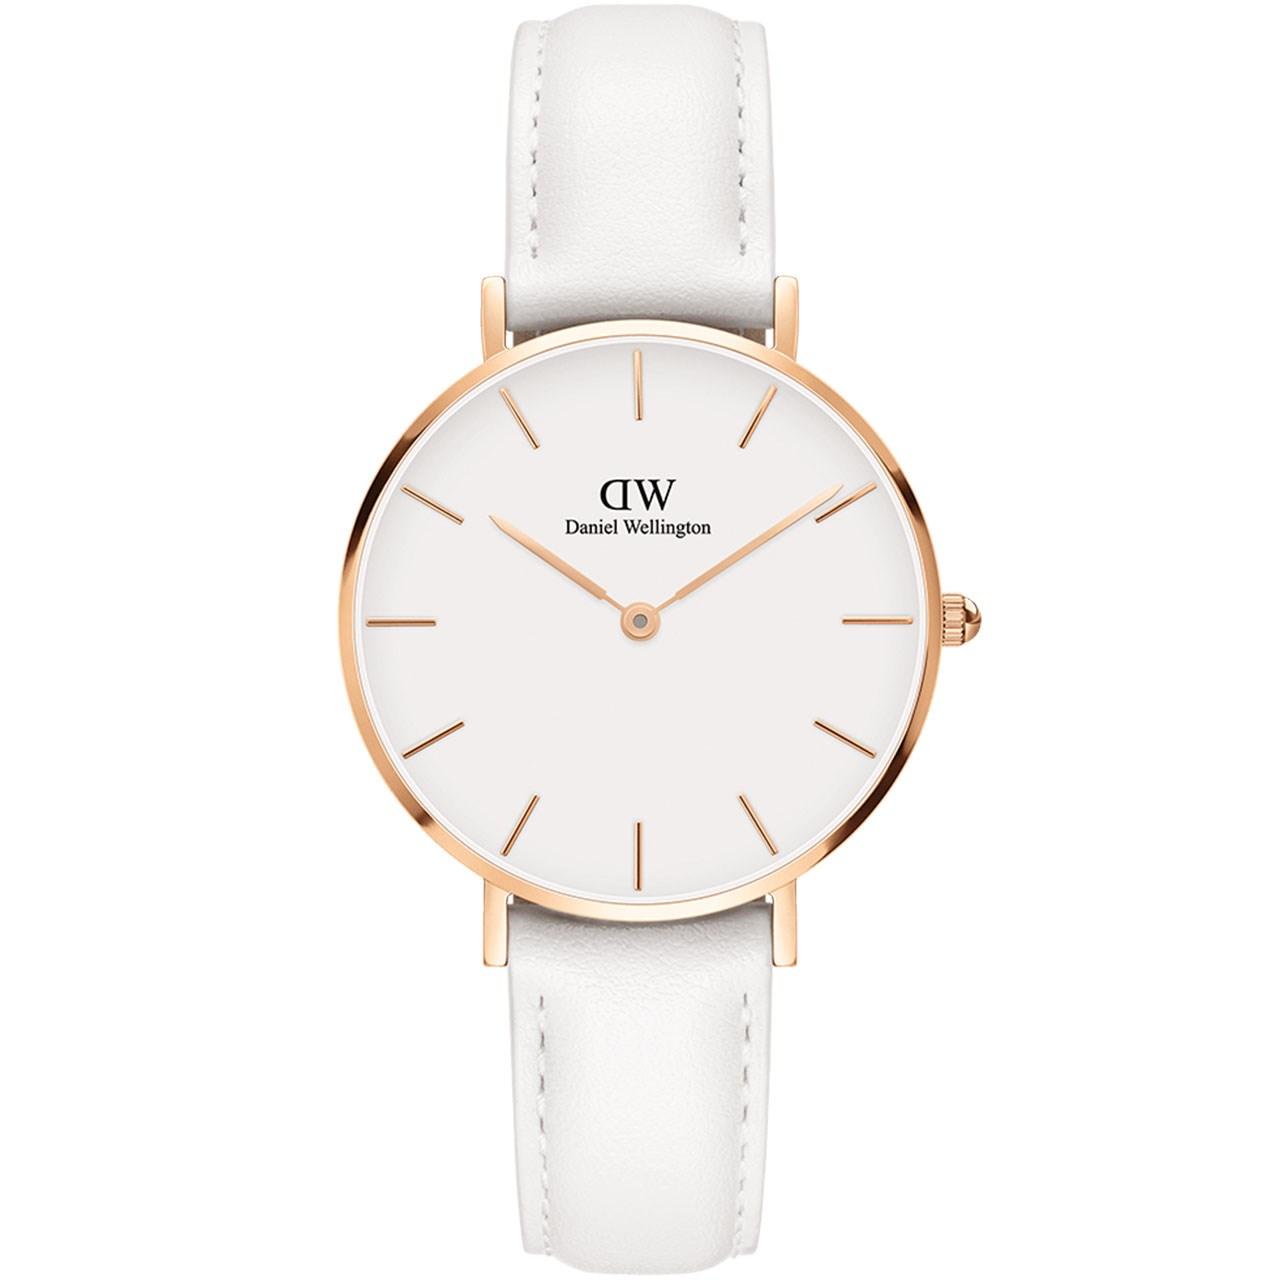 ساعت مچی عقربه ای زنانه دنیل ولینگتون مدل DW00100189